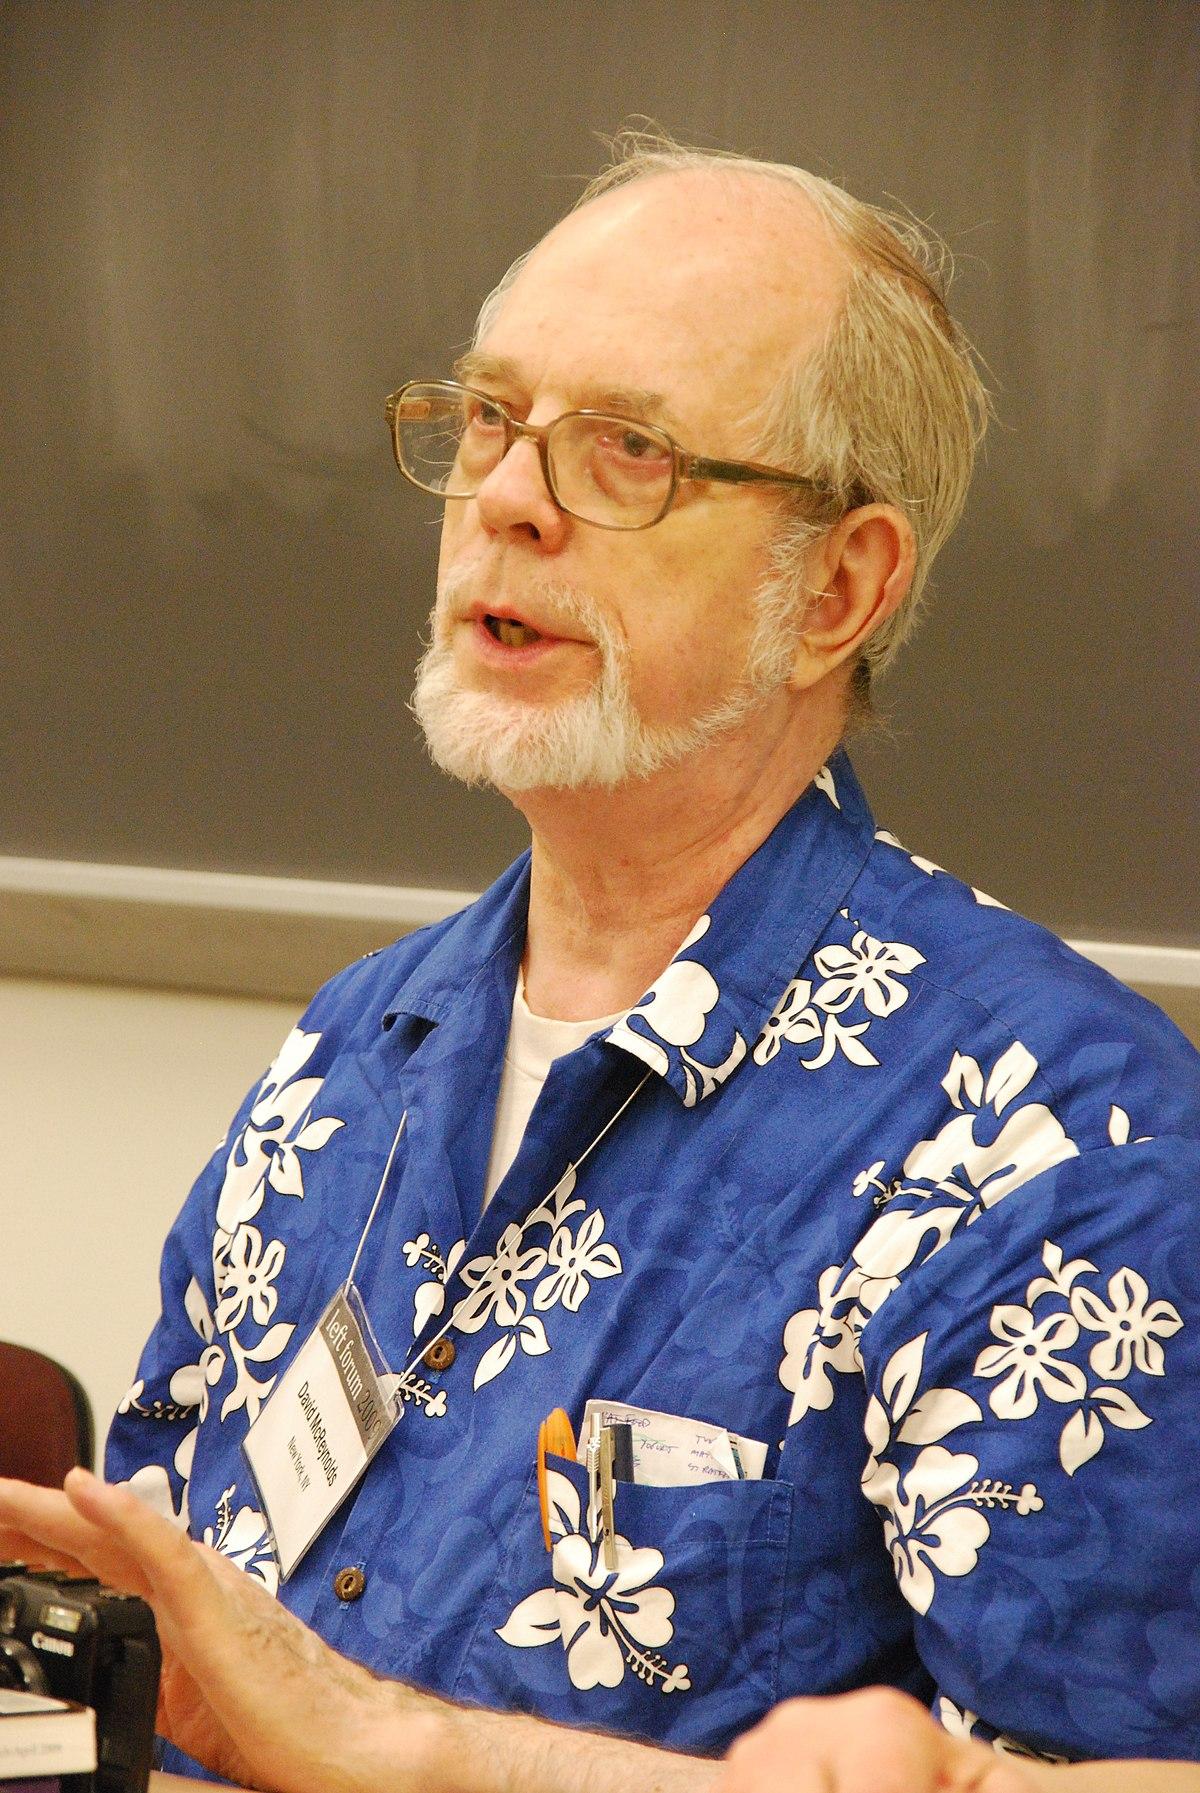 David McReynolds